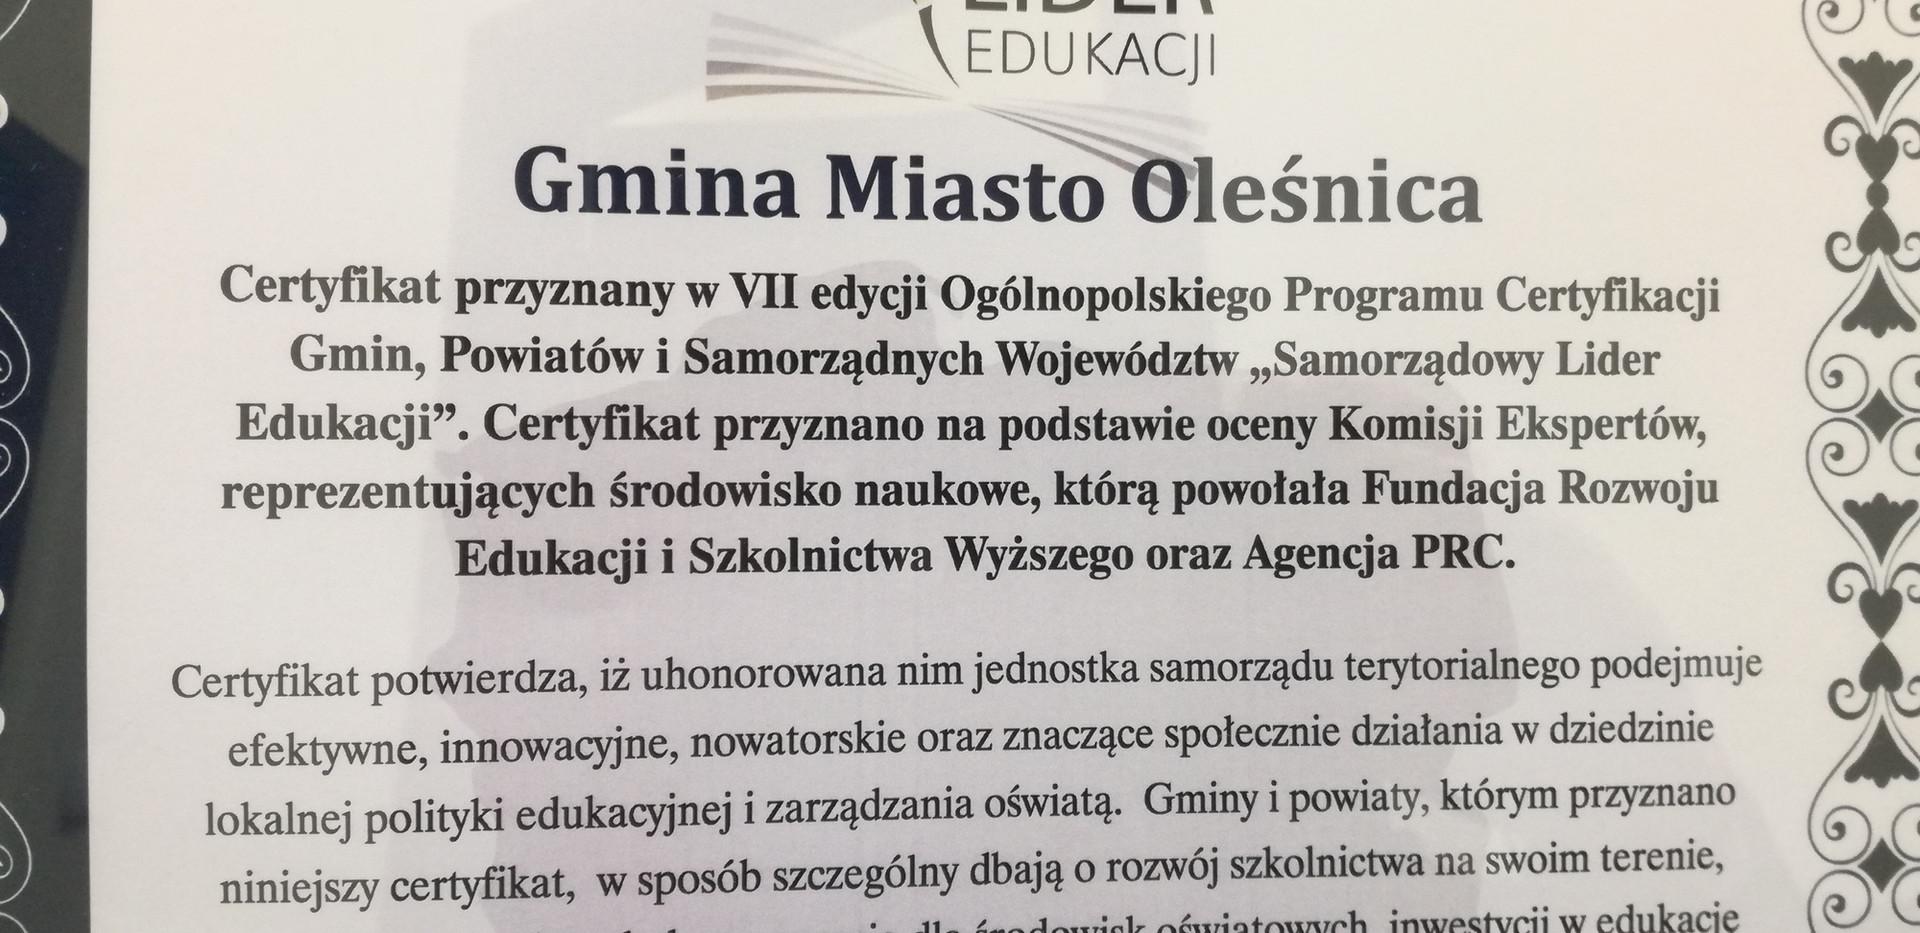 Oleśnica Samorządowym Liderem Edukacji